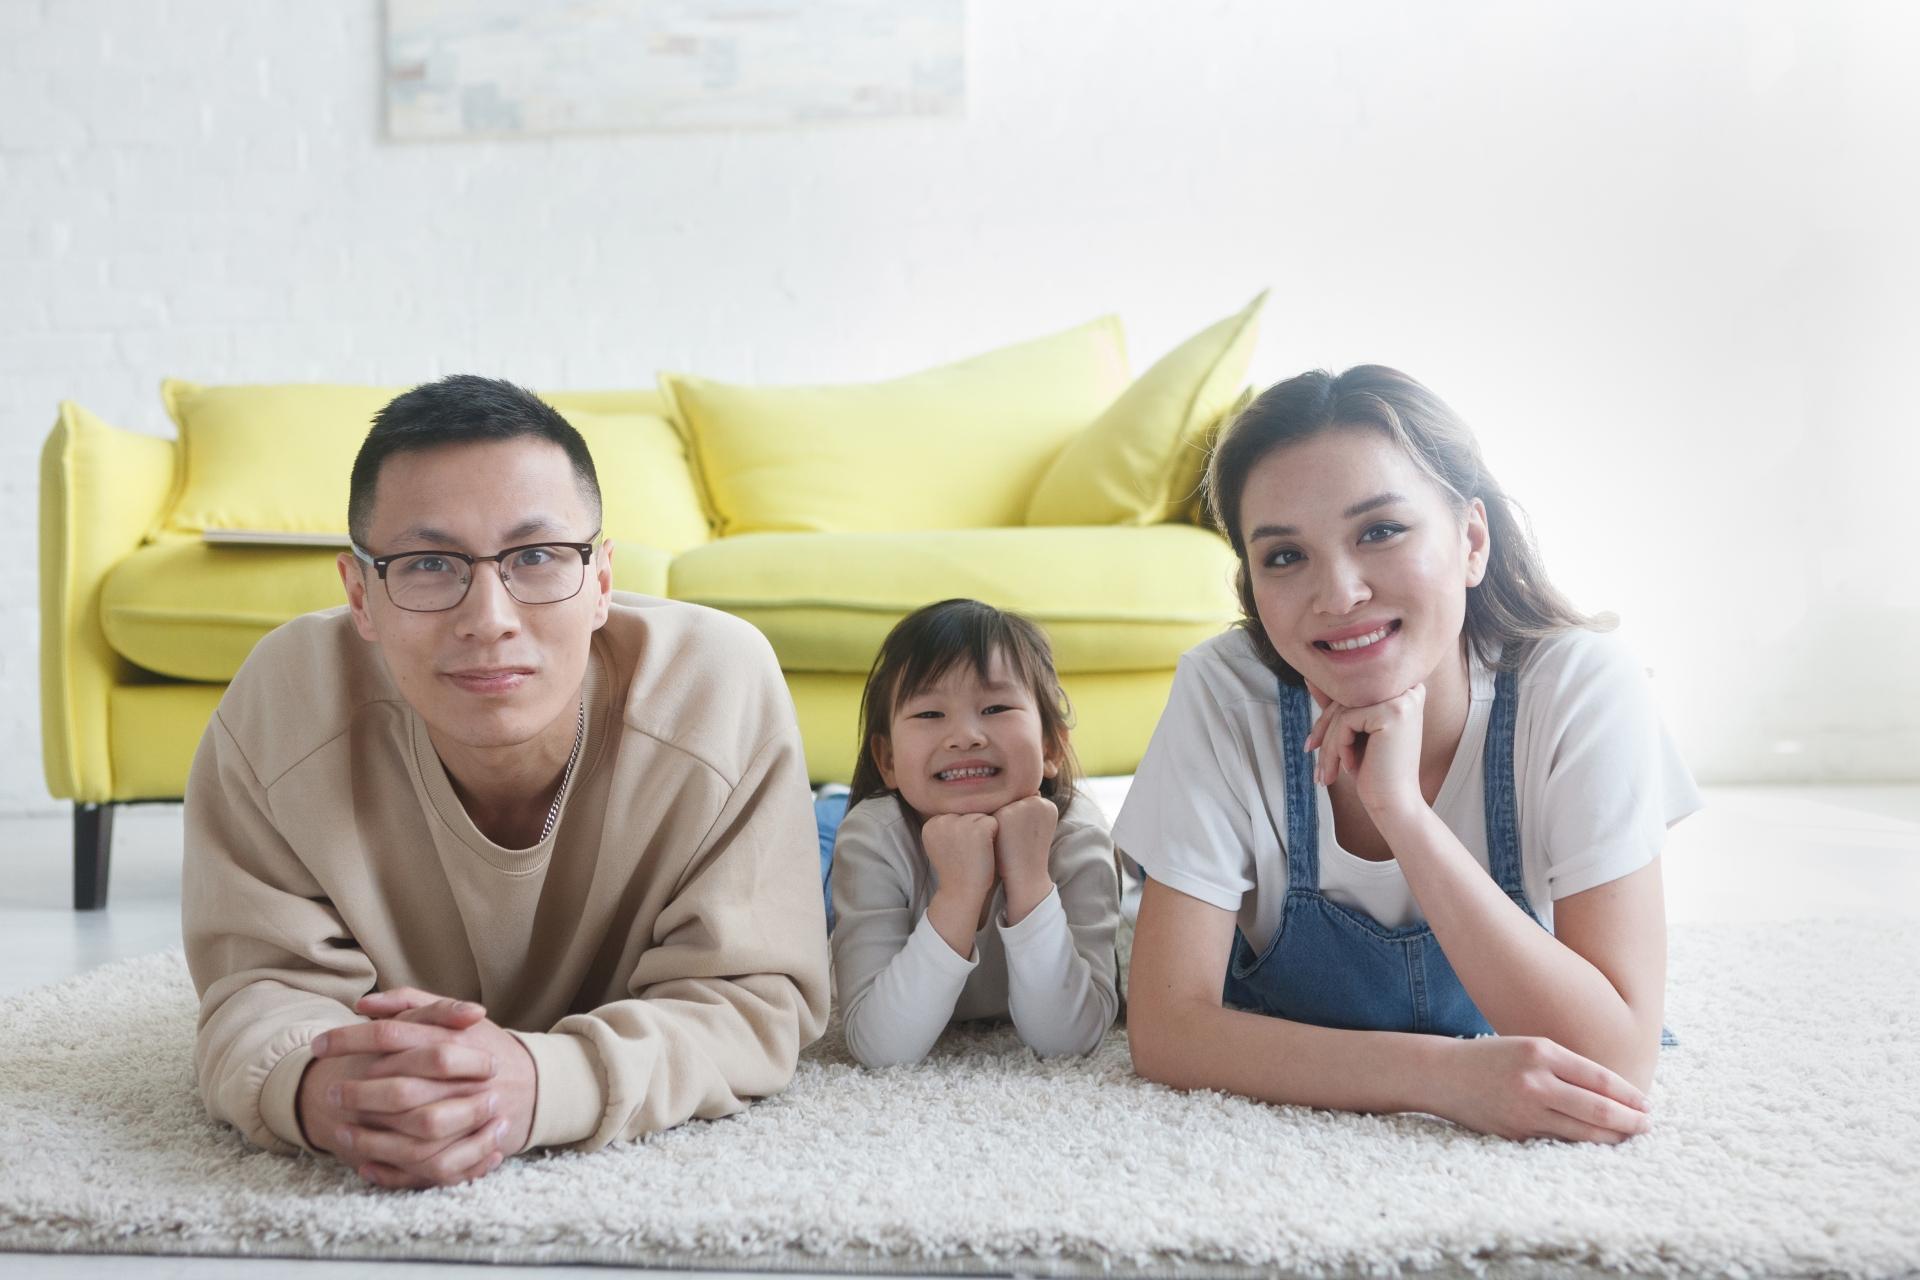 家族の時間が減ったなと感じたら映画を一緒に観たらいいよ【わが家のおすすめ】